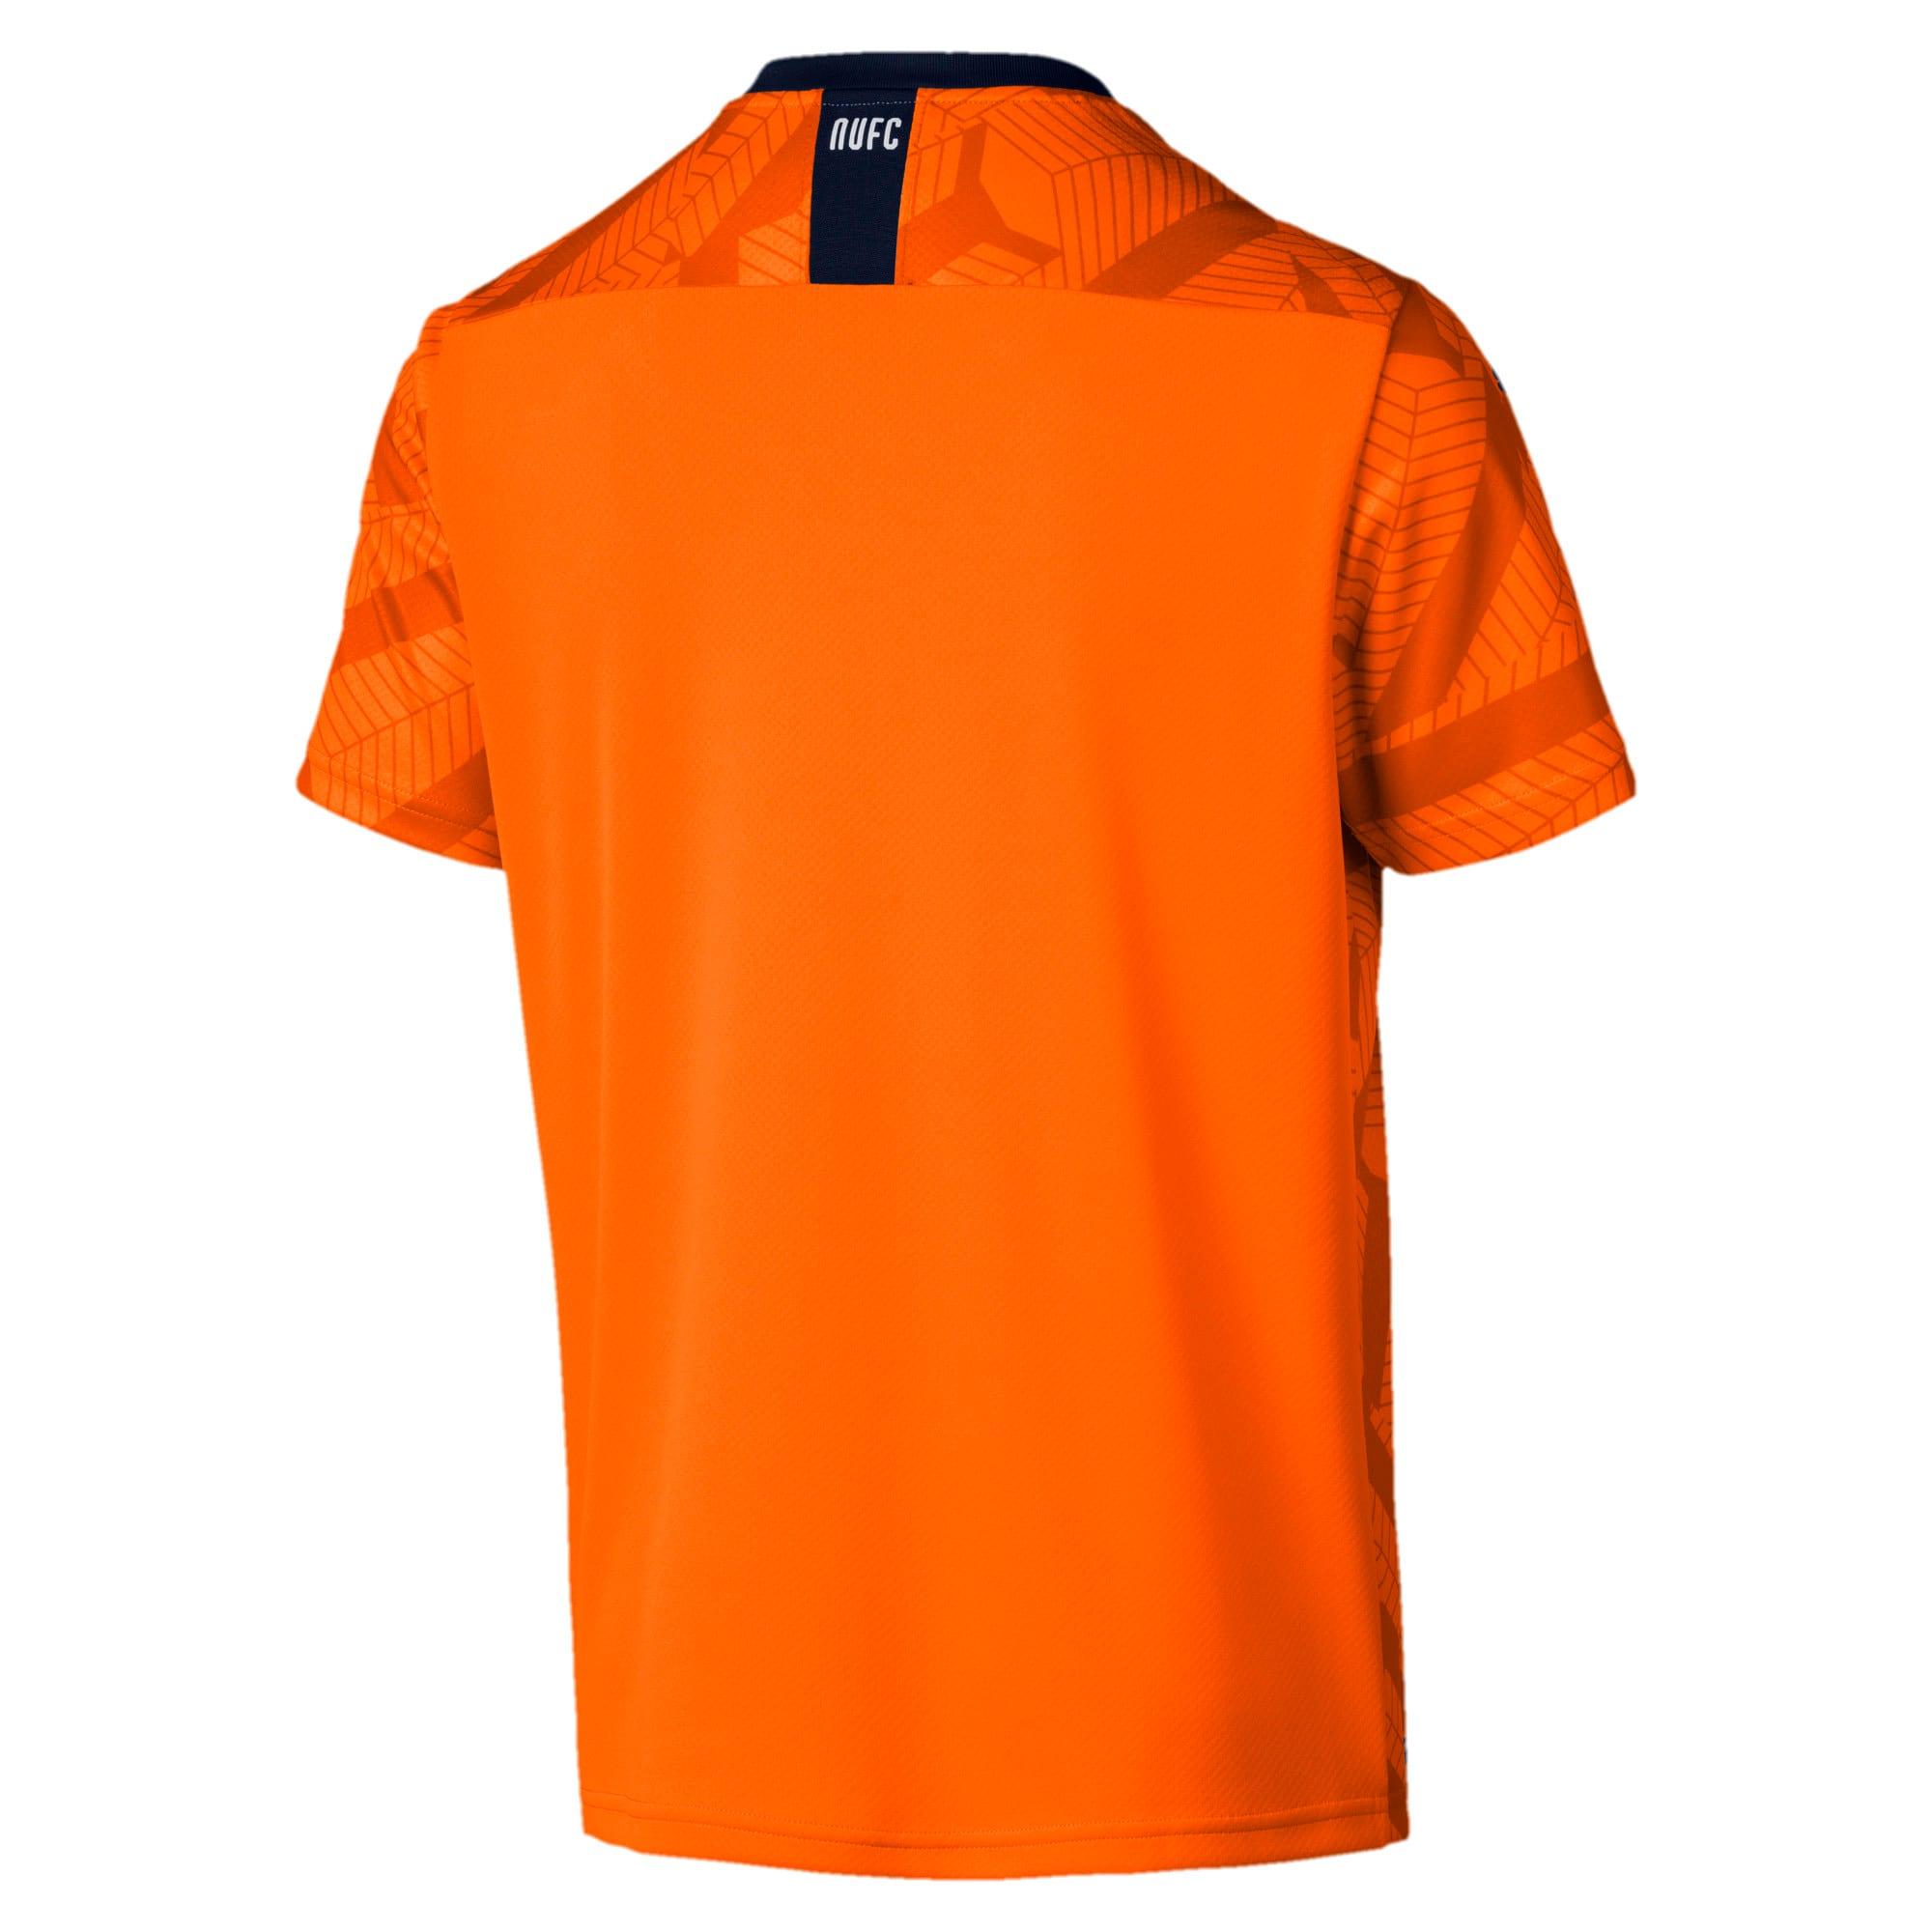 Thumbnail 2 van Newcastle United FC replica-derdeshirt met korte mouwen voor mannen, Feloranje-Peacoat, medium